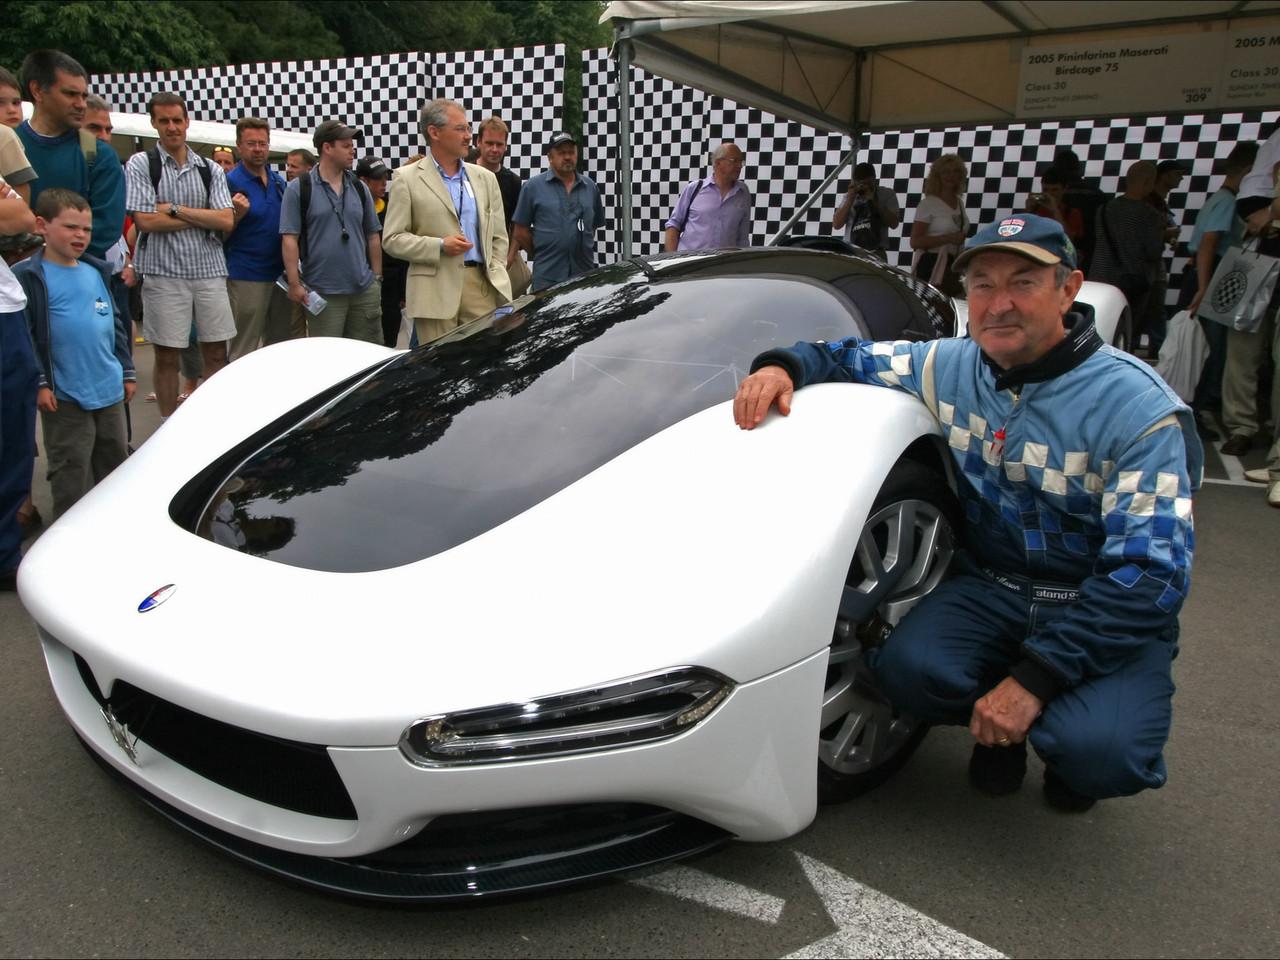 2005-Maserati-Birdcage-Goodwood-FA-Nick-Mason-1920